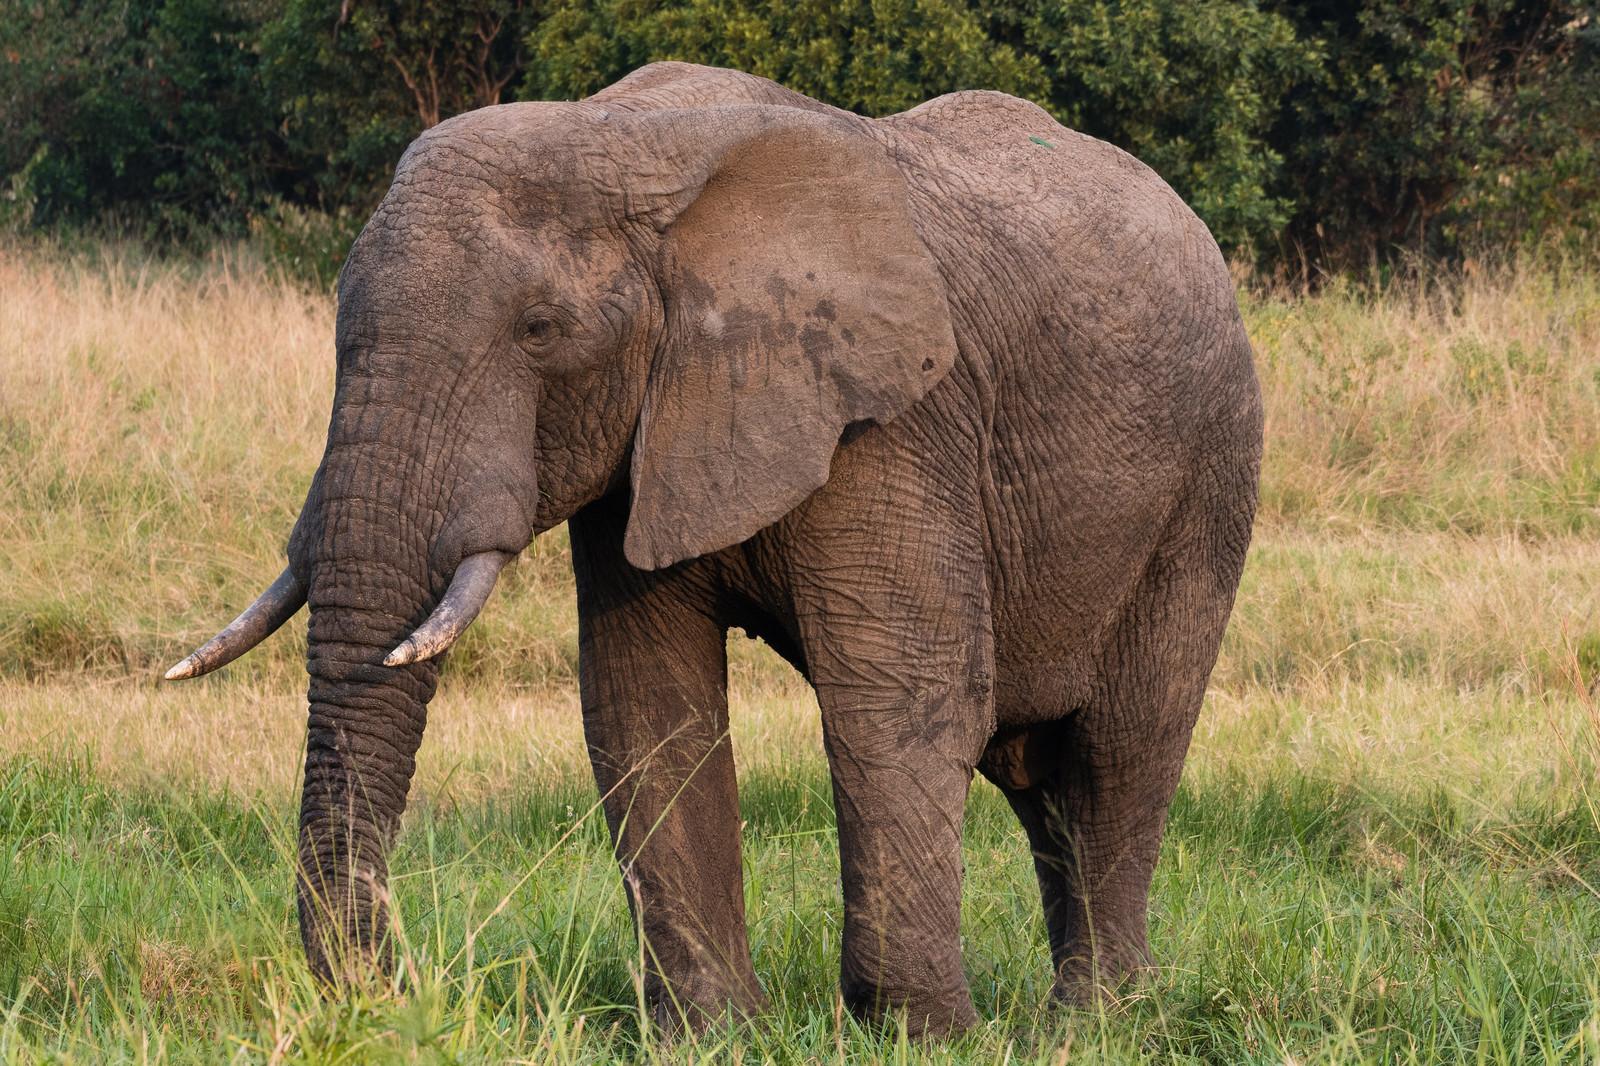 中央アフリカの旅行&観光スポットを紹介!治安注意して滝やバンギを満喫